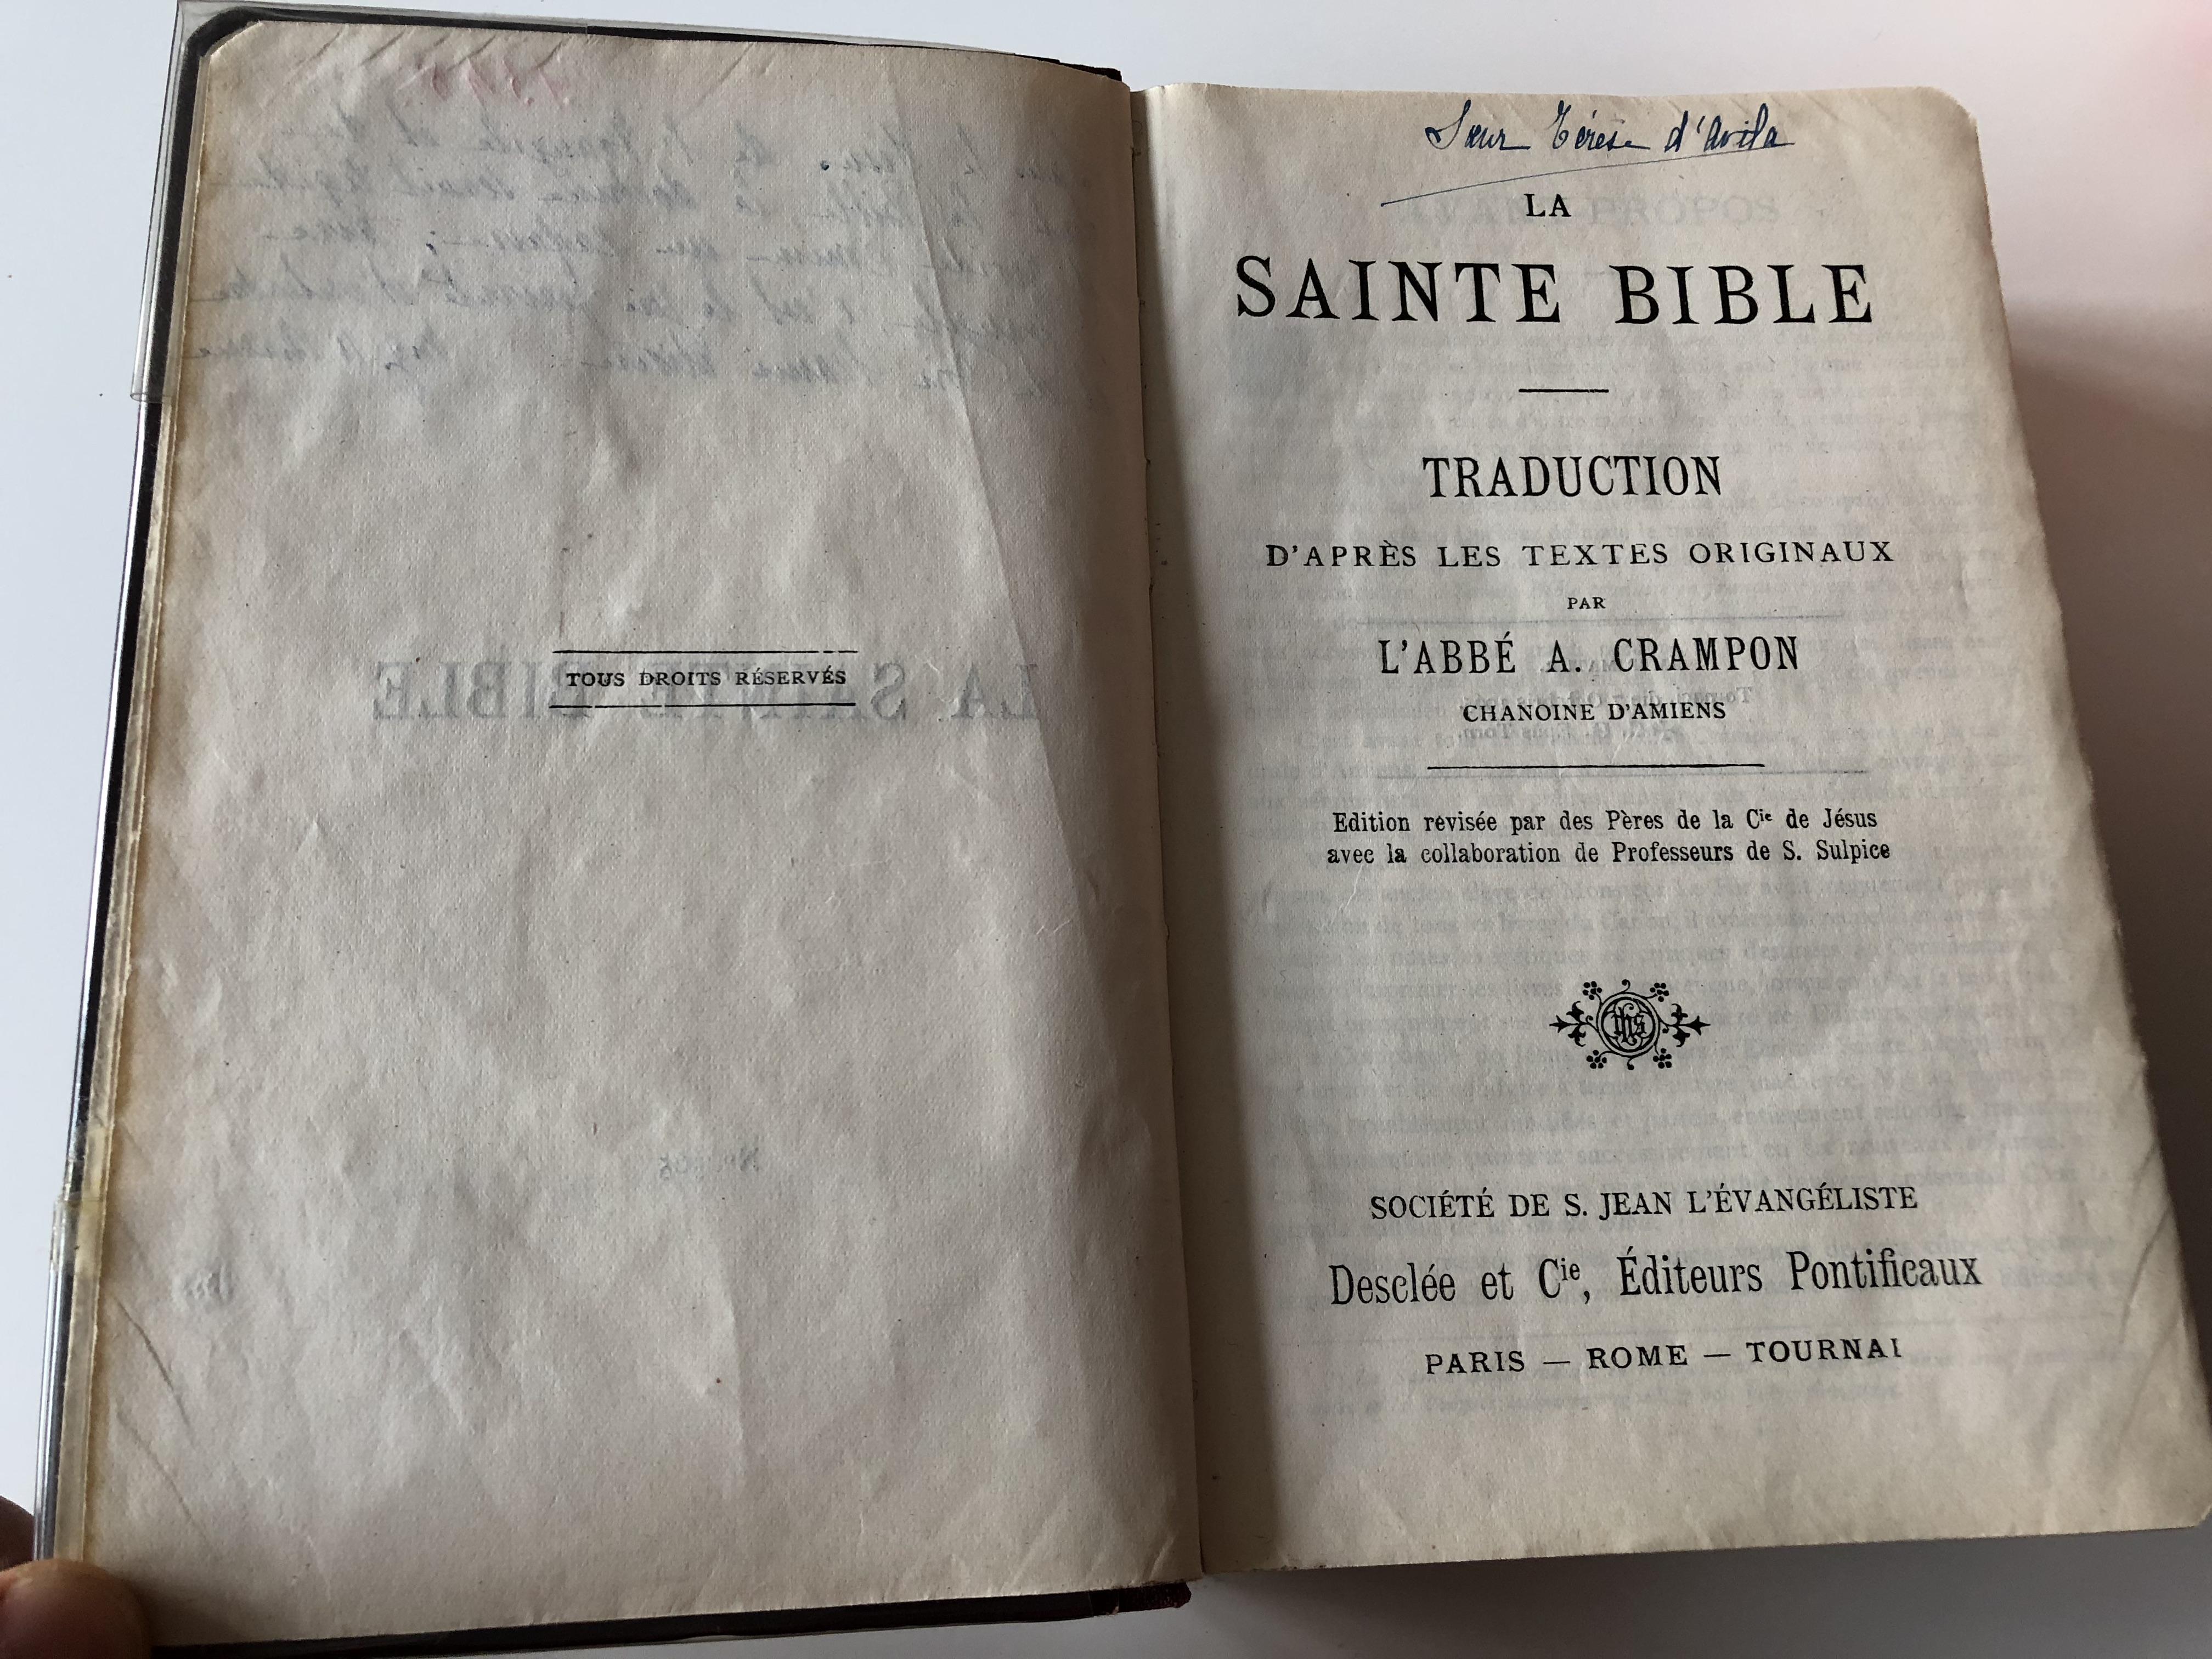 french-bible-1905-la-sainte-bible-6-.jpg